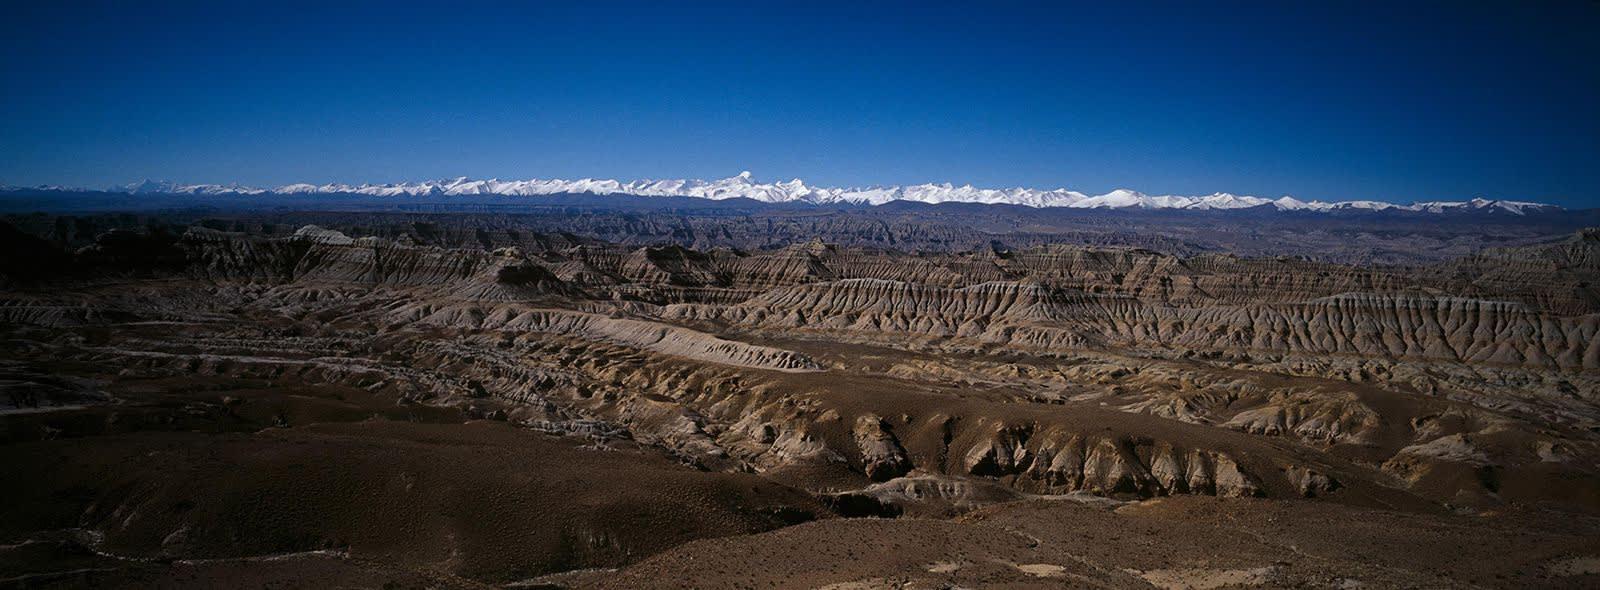 Matjaž Krivic, himalaya, tibet